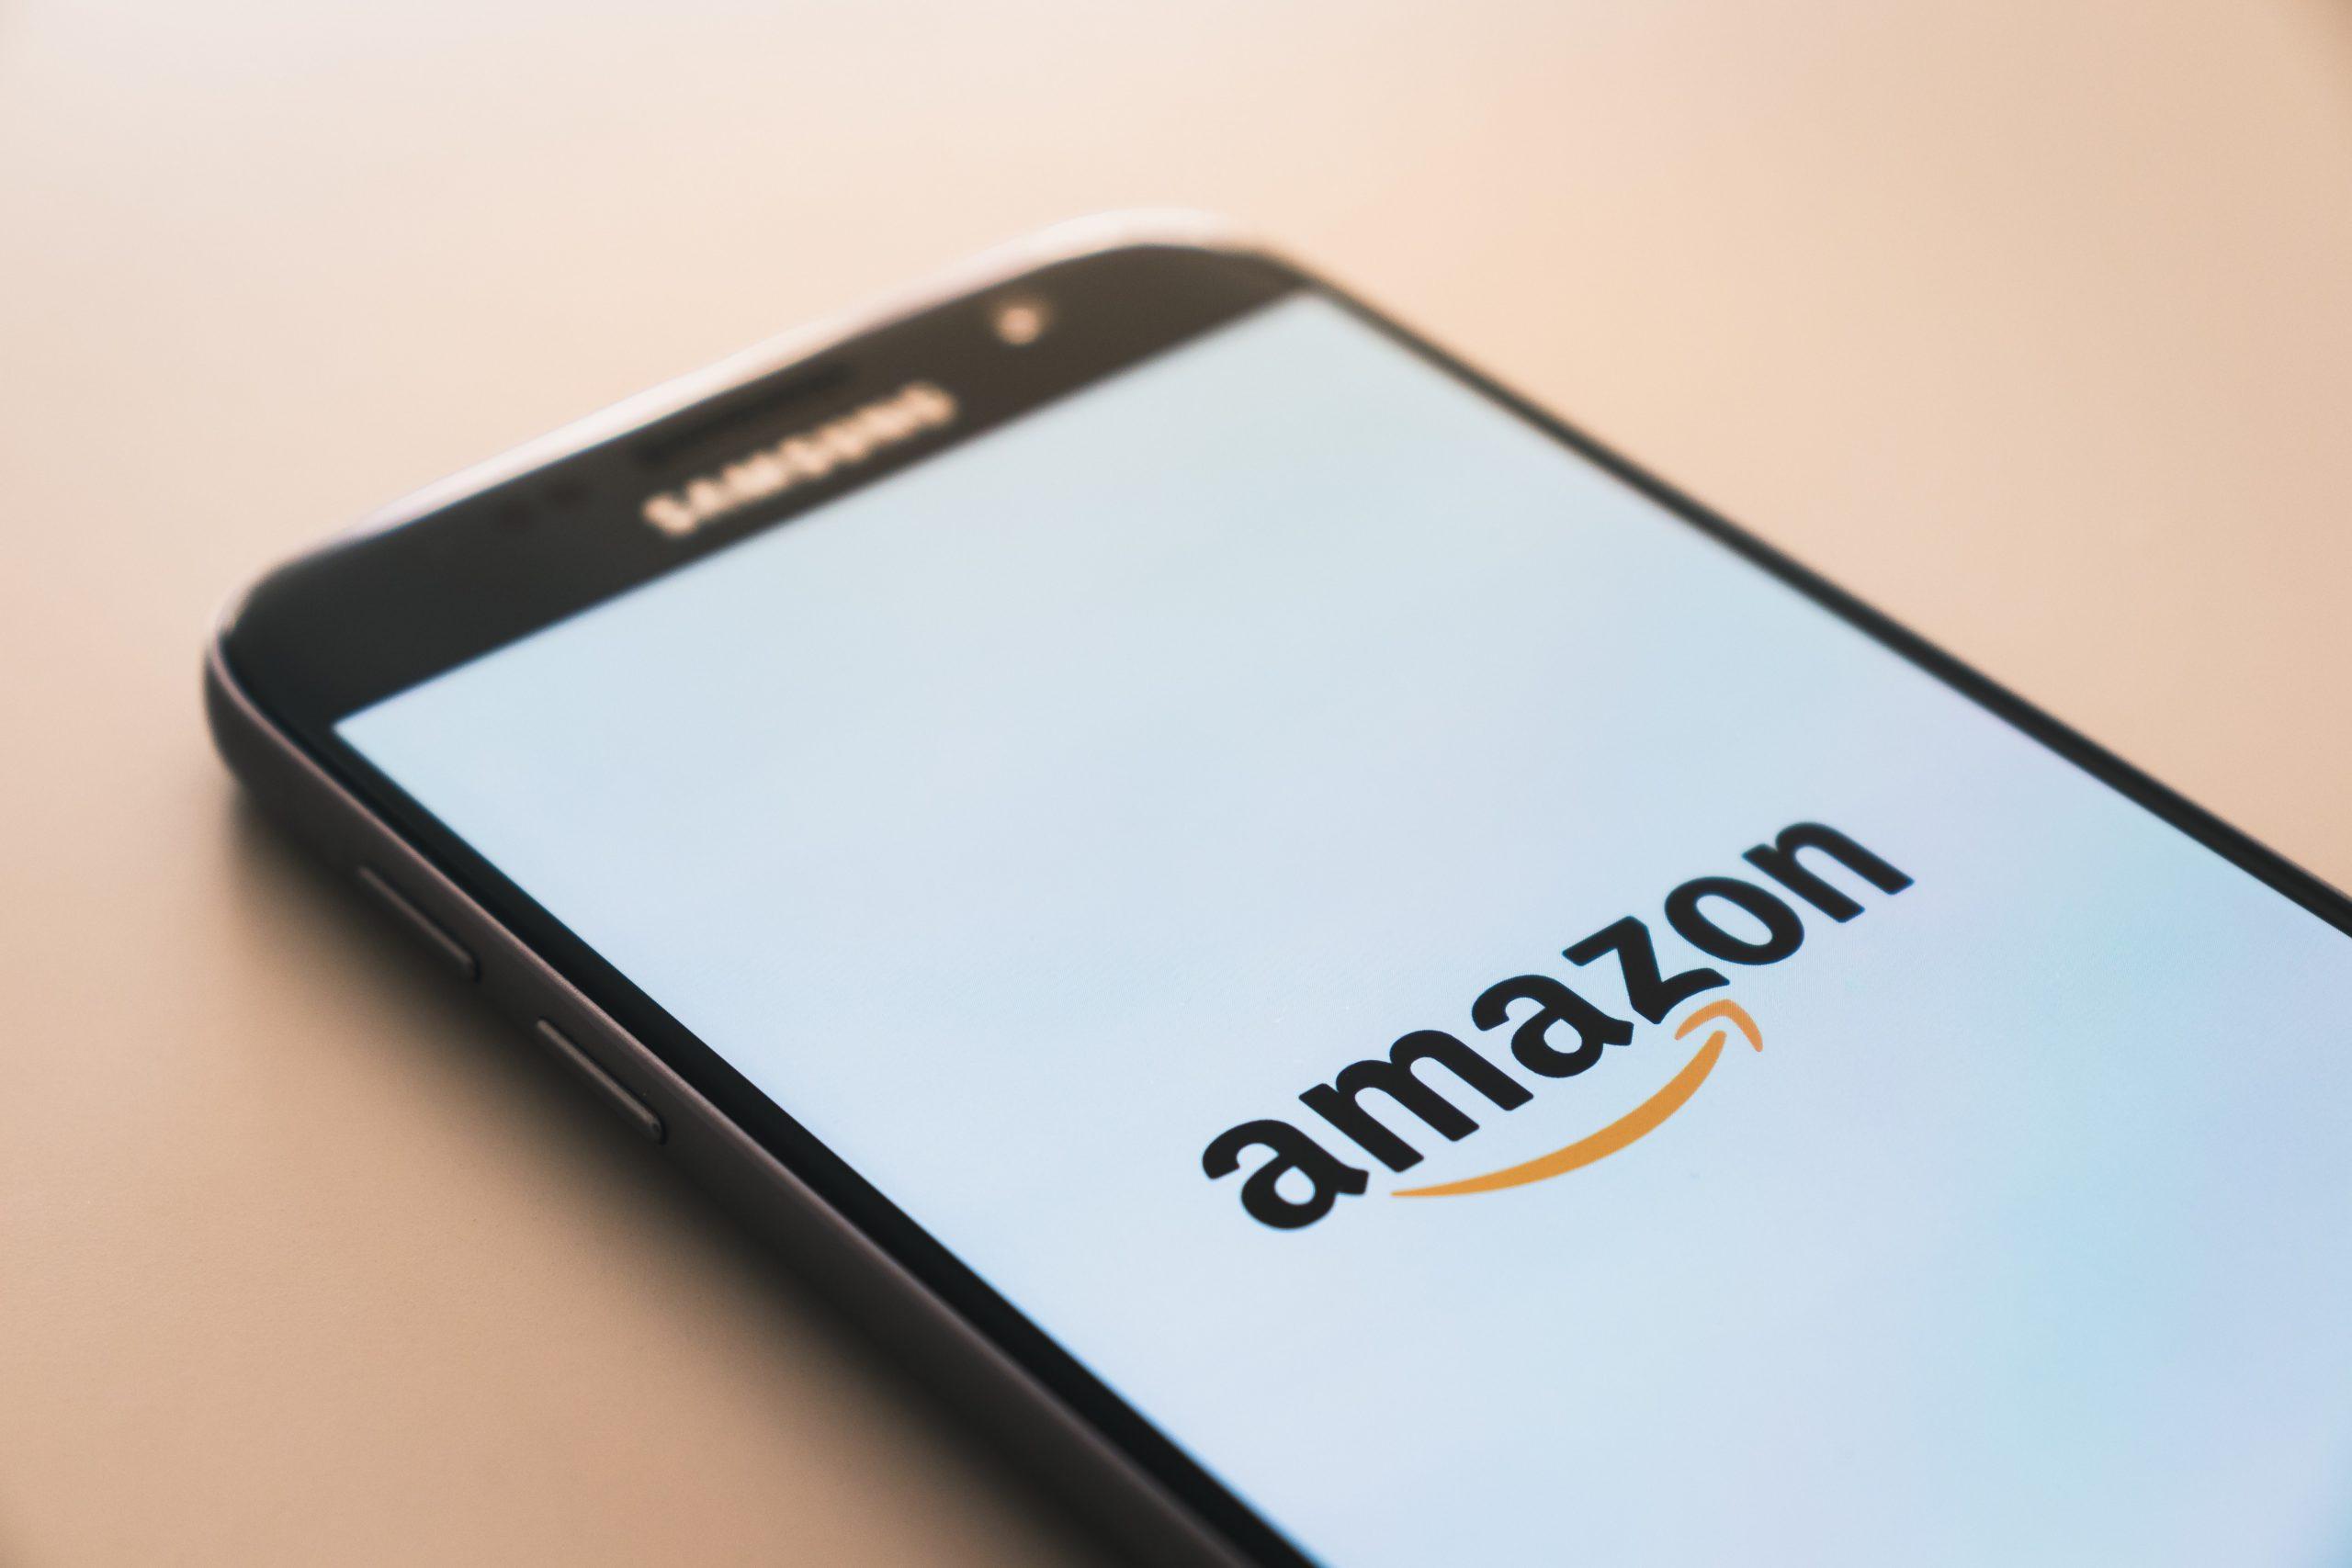 Abecedario de los productos más buscados y búsquedas relacionadas en Amazon durante esta cuarentena. Artículo sobre SEO y SERP.